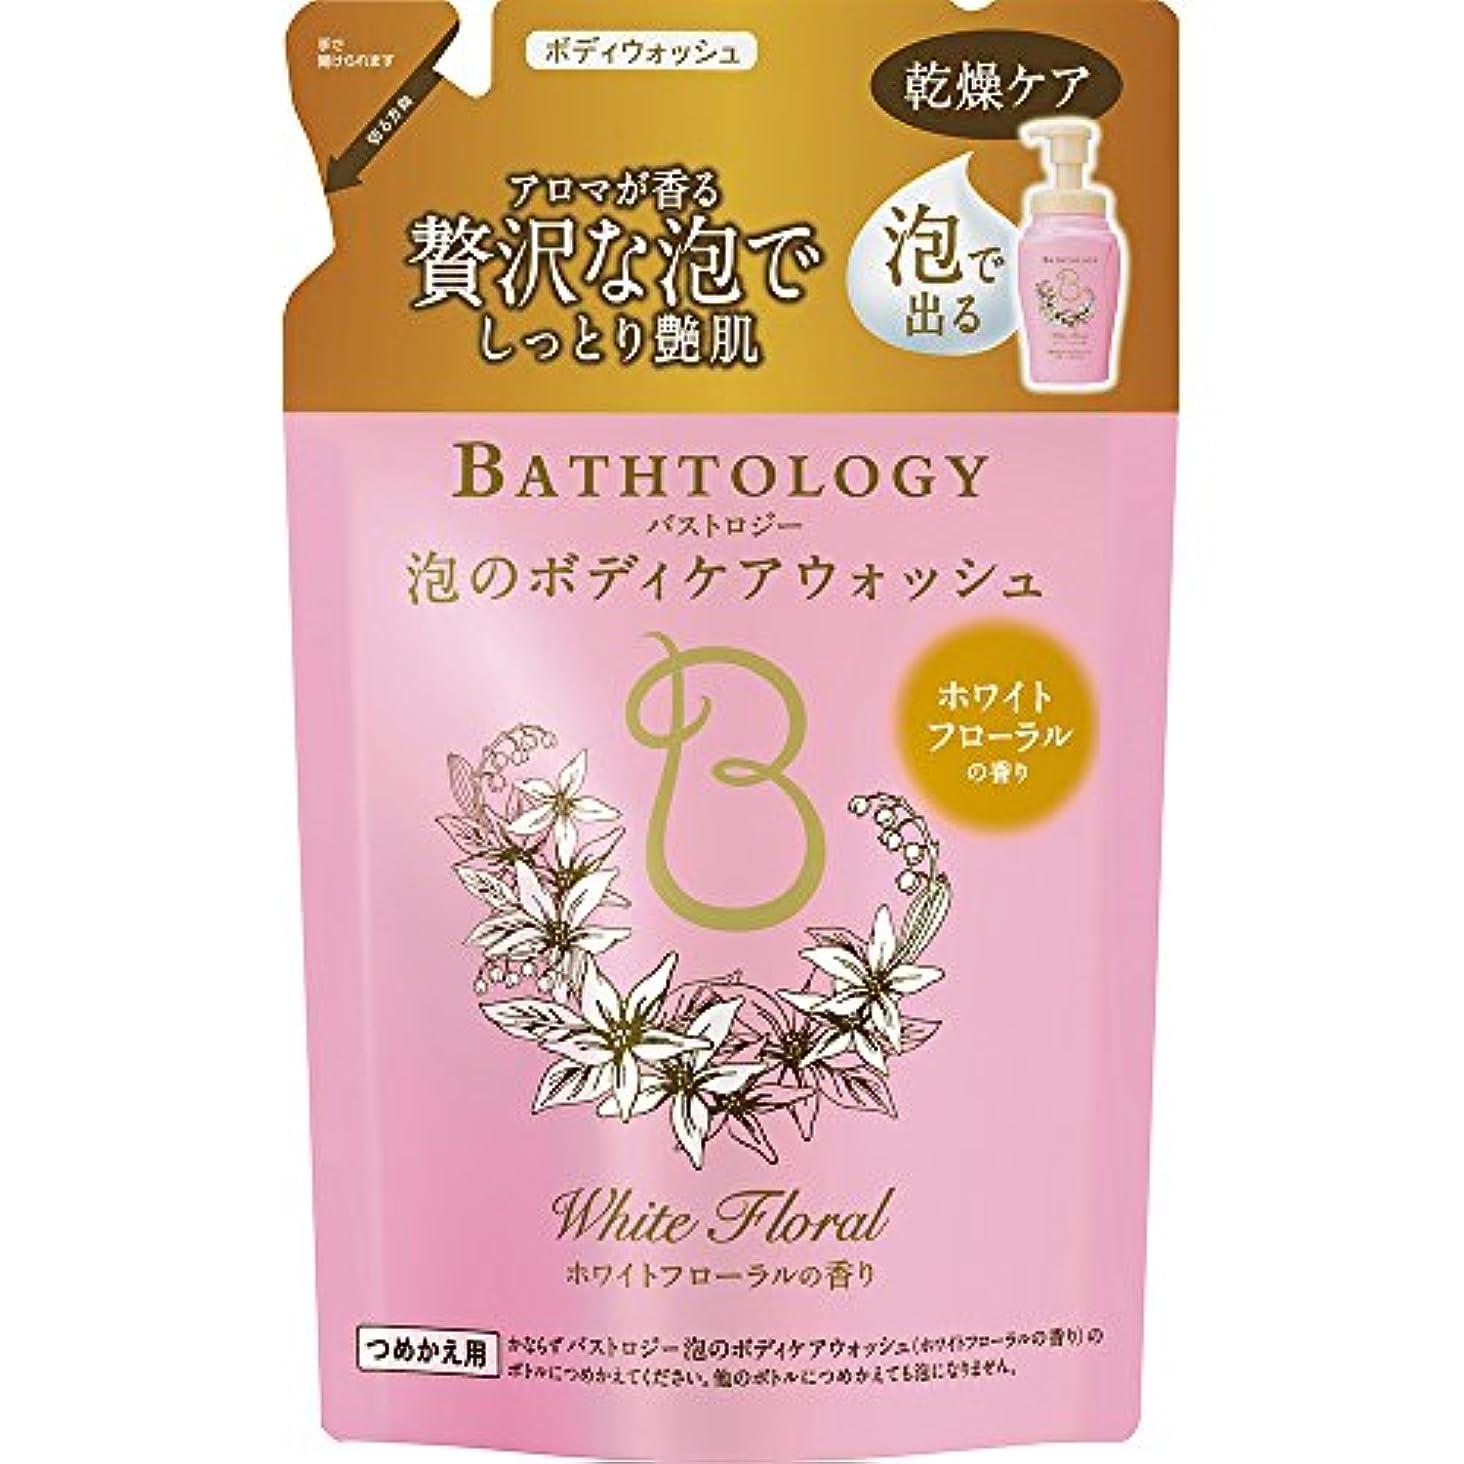 に向かって印象的な苦しみBATHTOLOGY 泡のボディケアウォッシュ ホワイトフローラルの香り 詰め替え 350ml